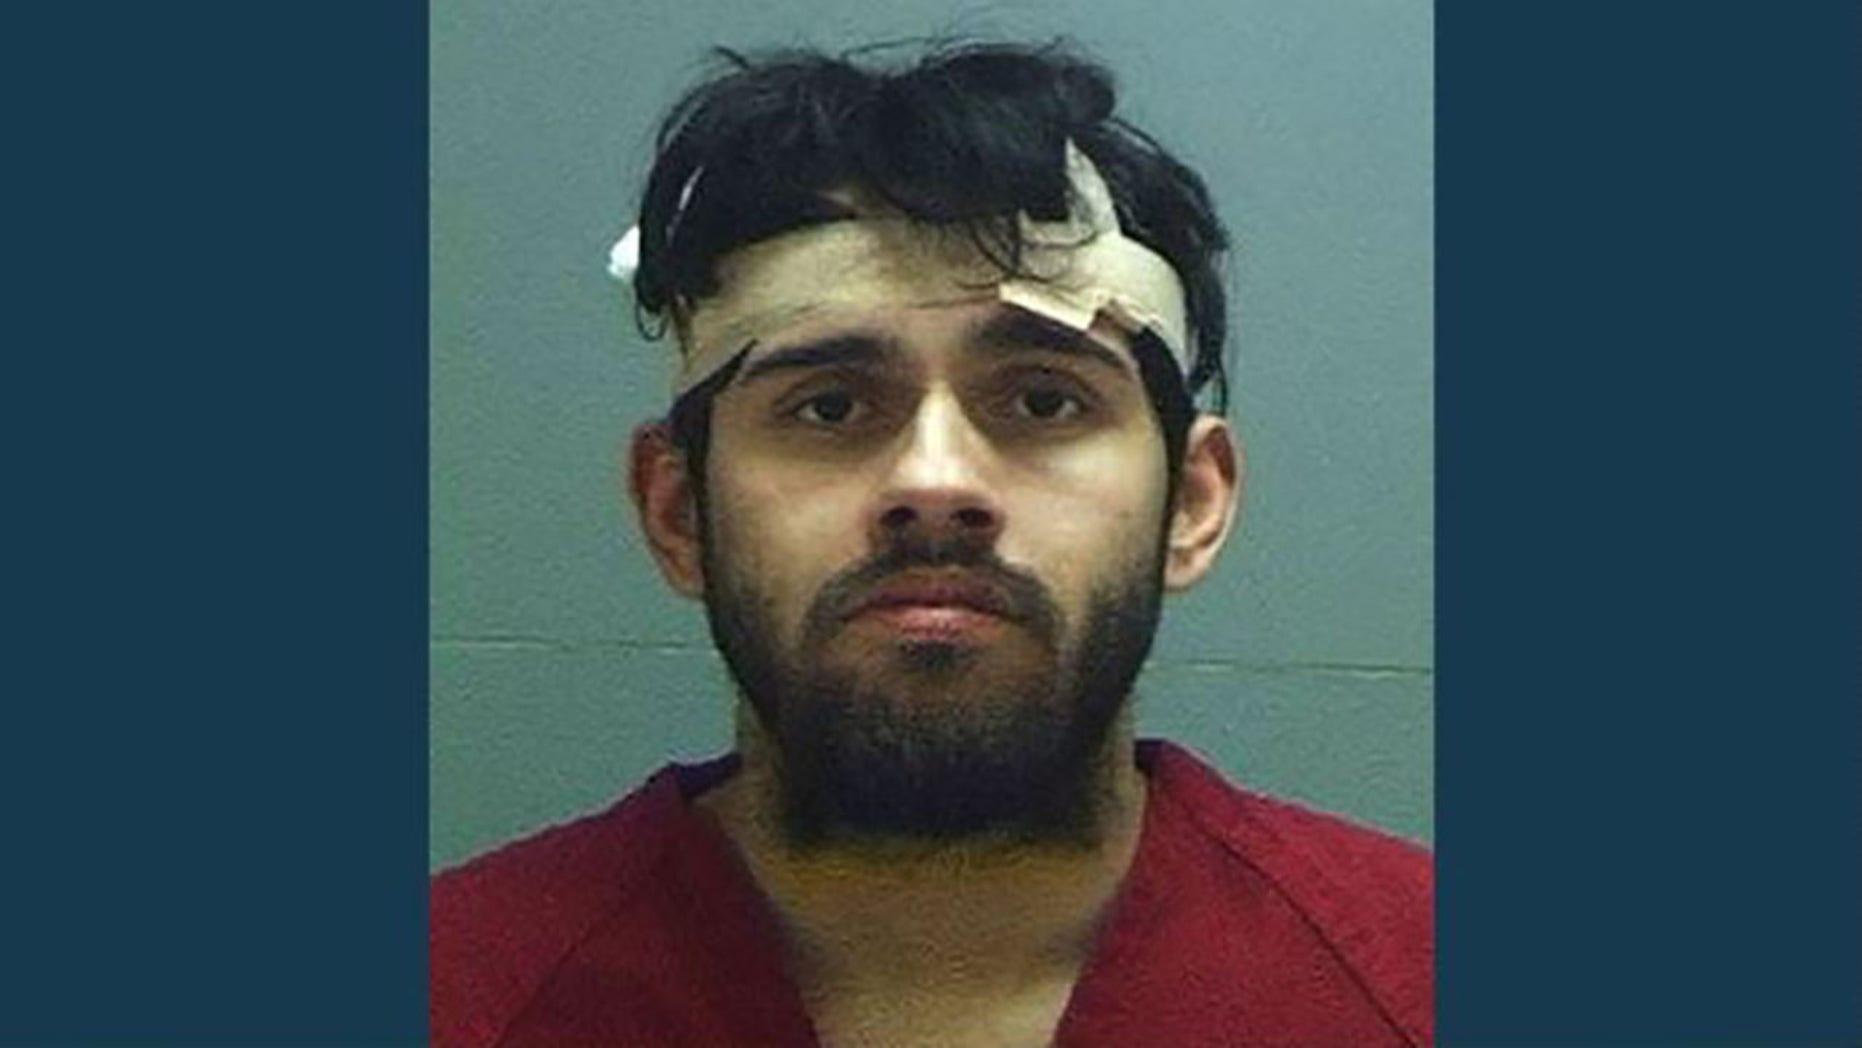 Christopher Patrick Medina-Izarrara, 27, was arrested forfelony aggravated robbery.